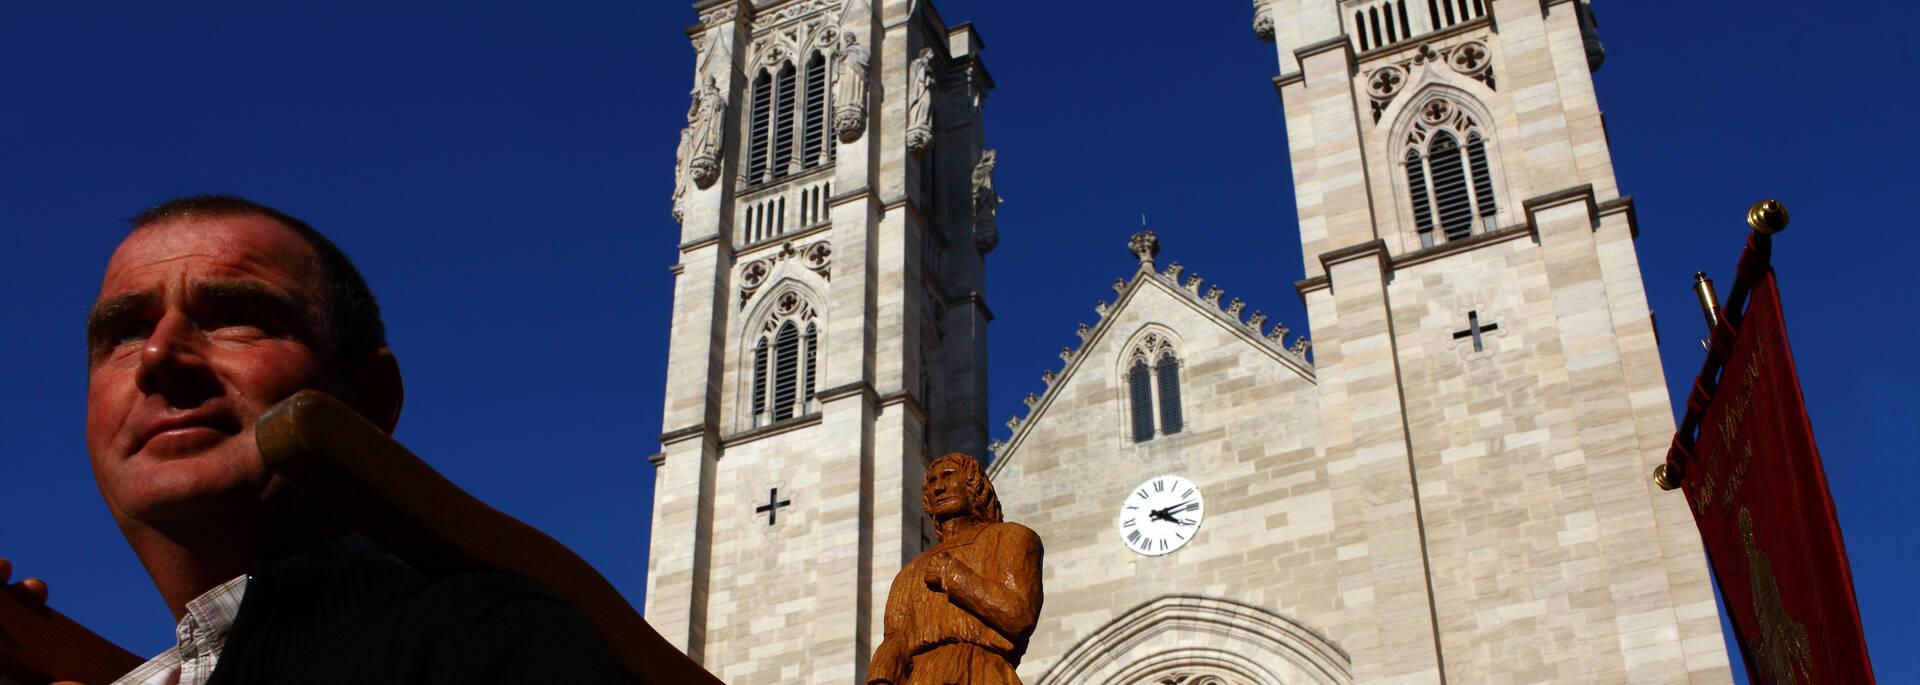 Paulée Chalon sur Saône - © Office de Tourisme